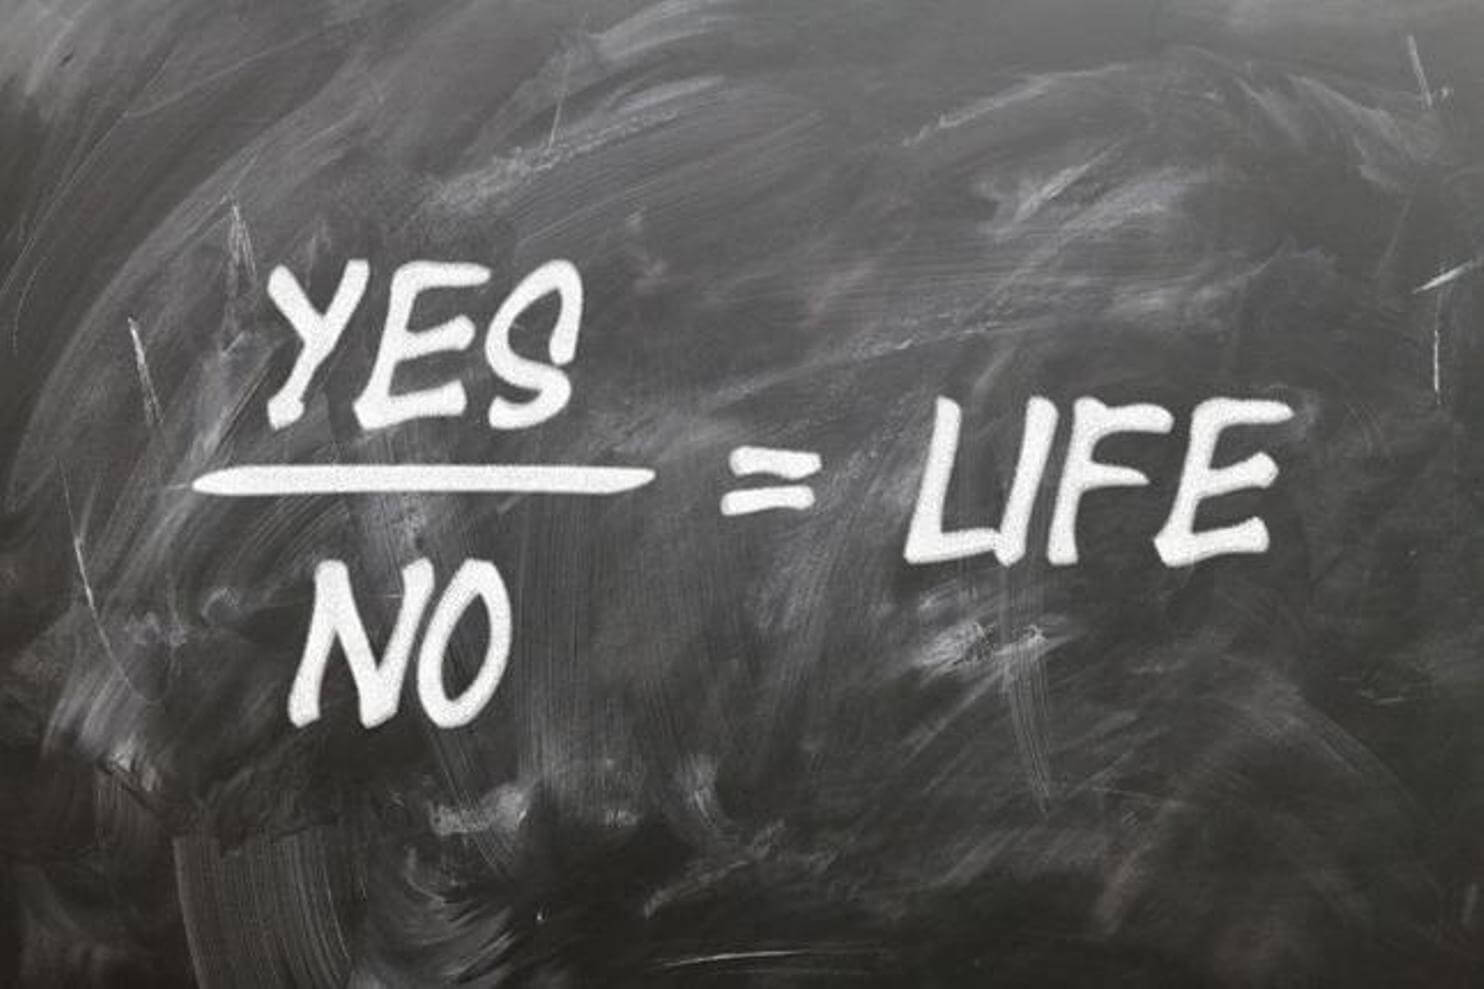 Γιατί δυσκολευόμαστε να πάρουμε αποφάσεις… γράφει ο ψυχολόγος Γιάννης Ξηντάρας